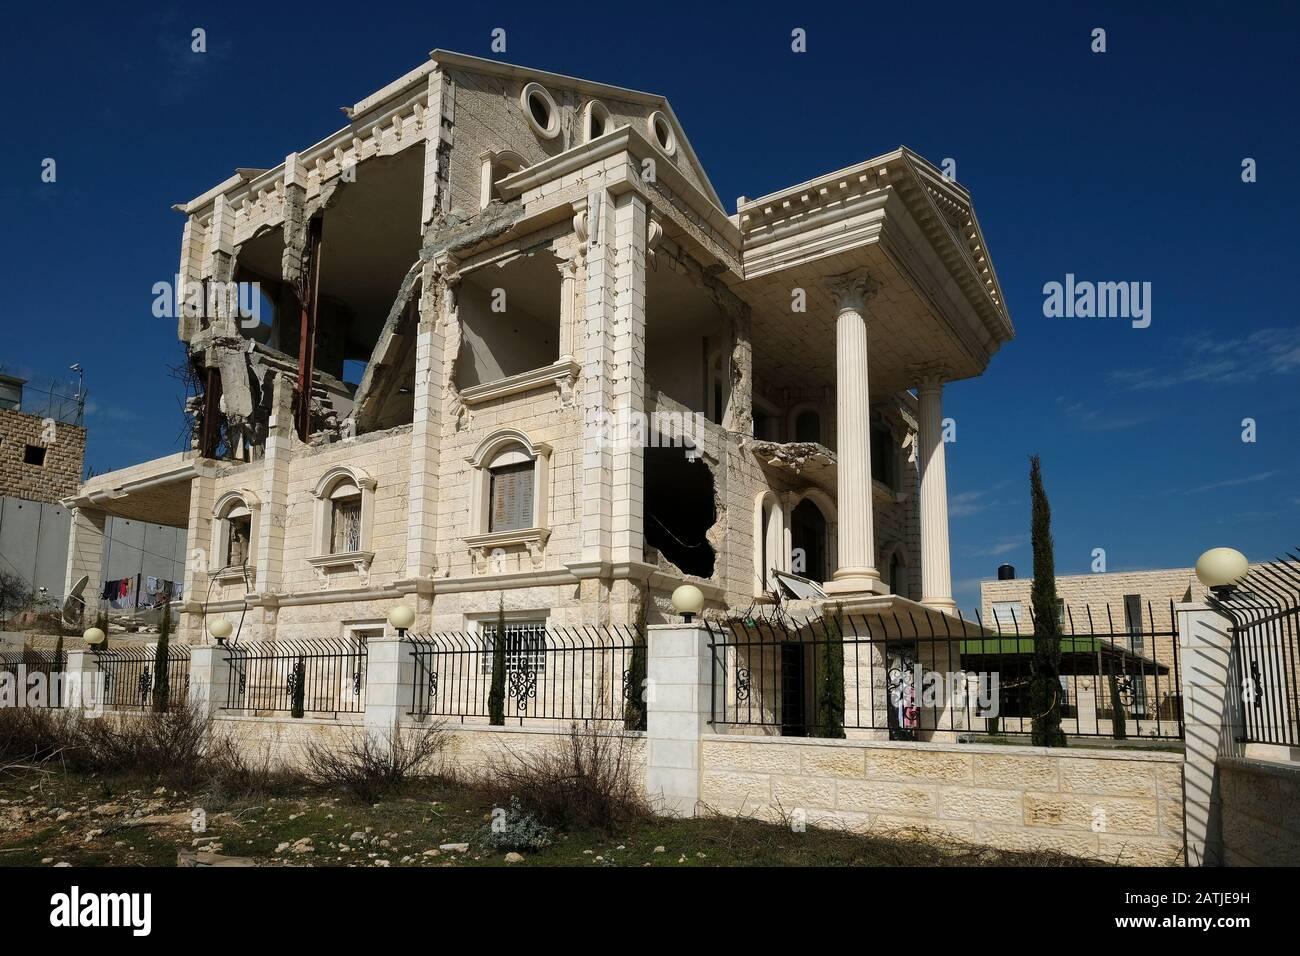 Un palazzo i cui piani superiori sono stati demoliti su ordine israeliano perché la sua altezza ha permesso una vista sulla barriera di sicurezza ad Abu Dis o Abu Deis, una comunità palestinese che appartiene al governatorato palestinese di Gerusalemme a sud-est di Gerusalemme in Israele Foto Stock